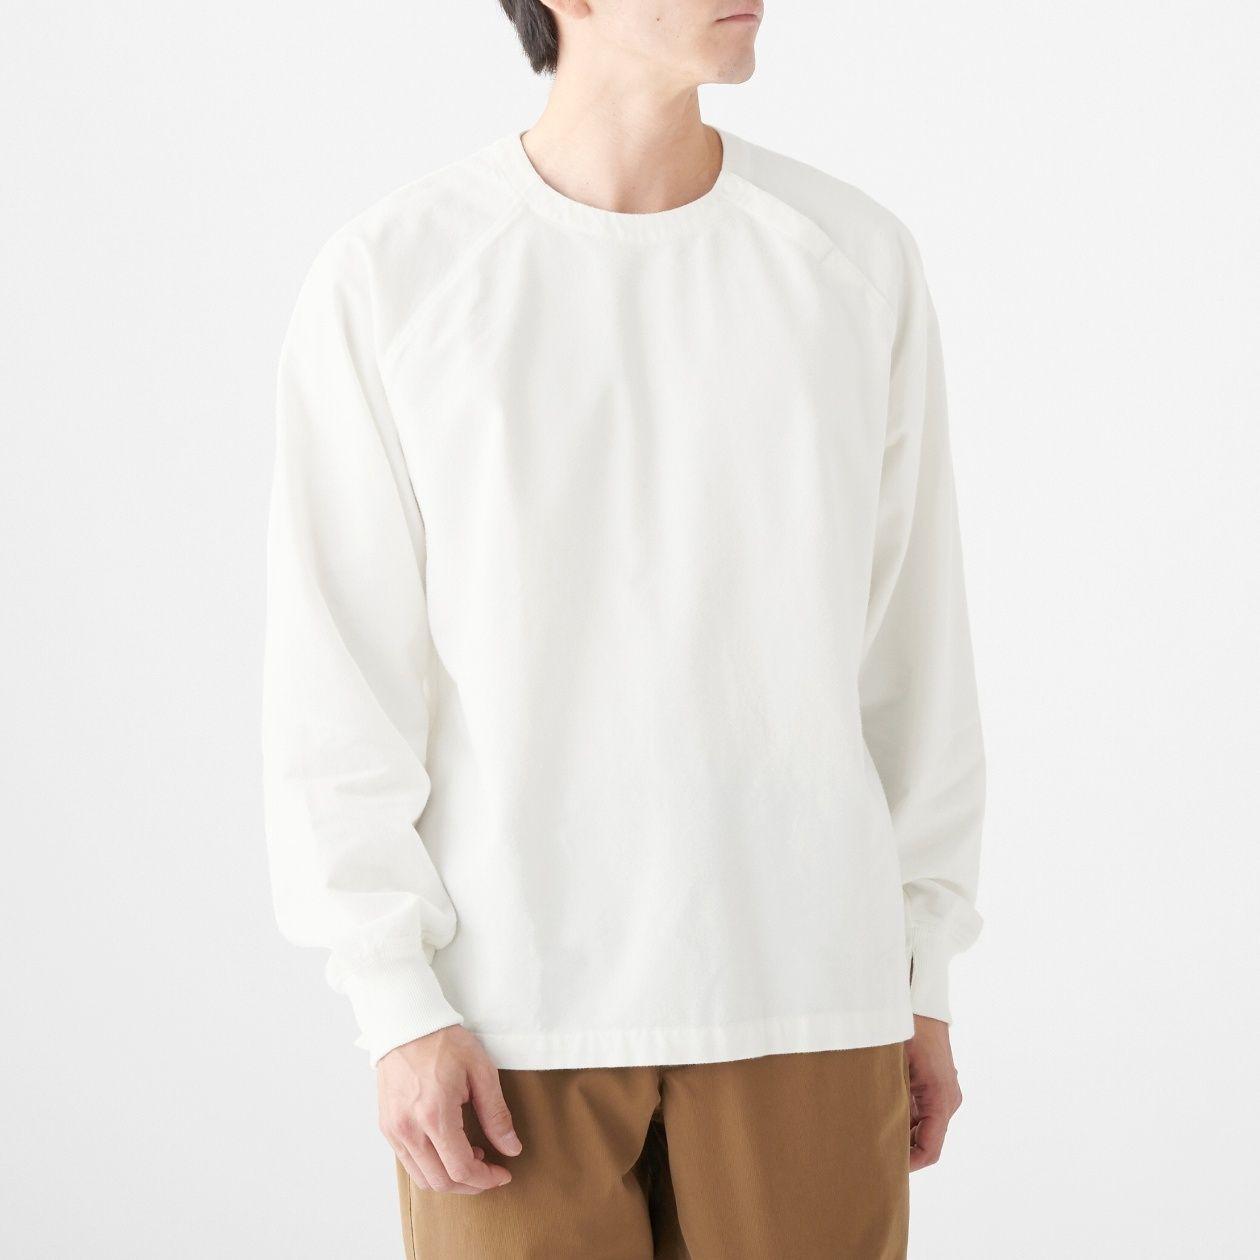 新疆綿フランネルプルオーバーリブ付シャツ